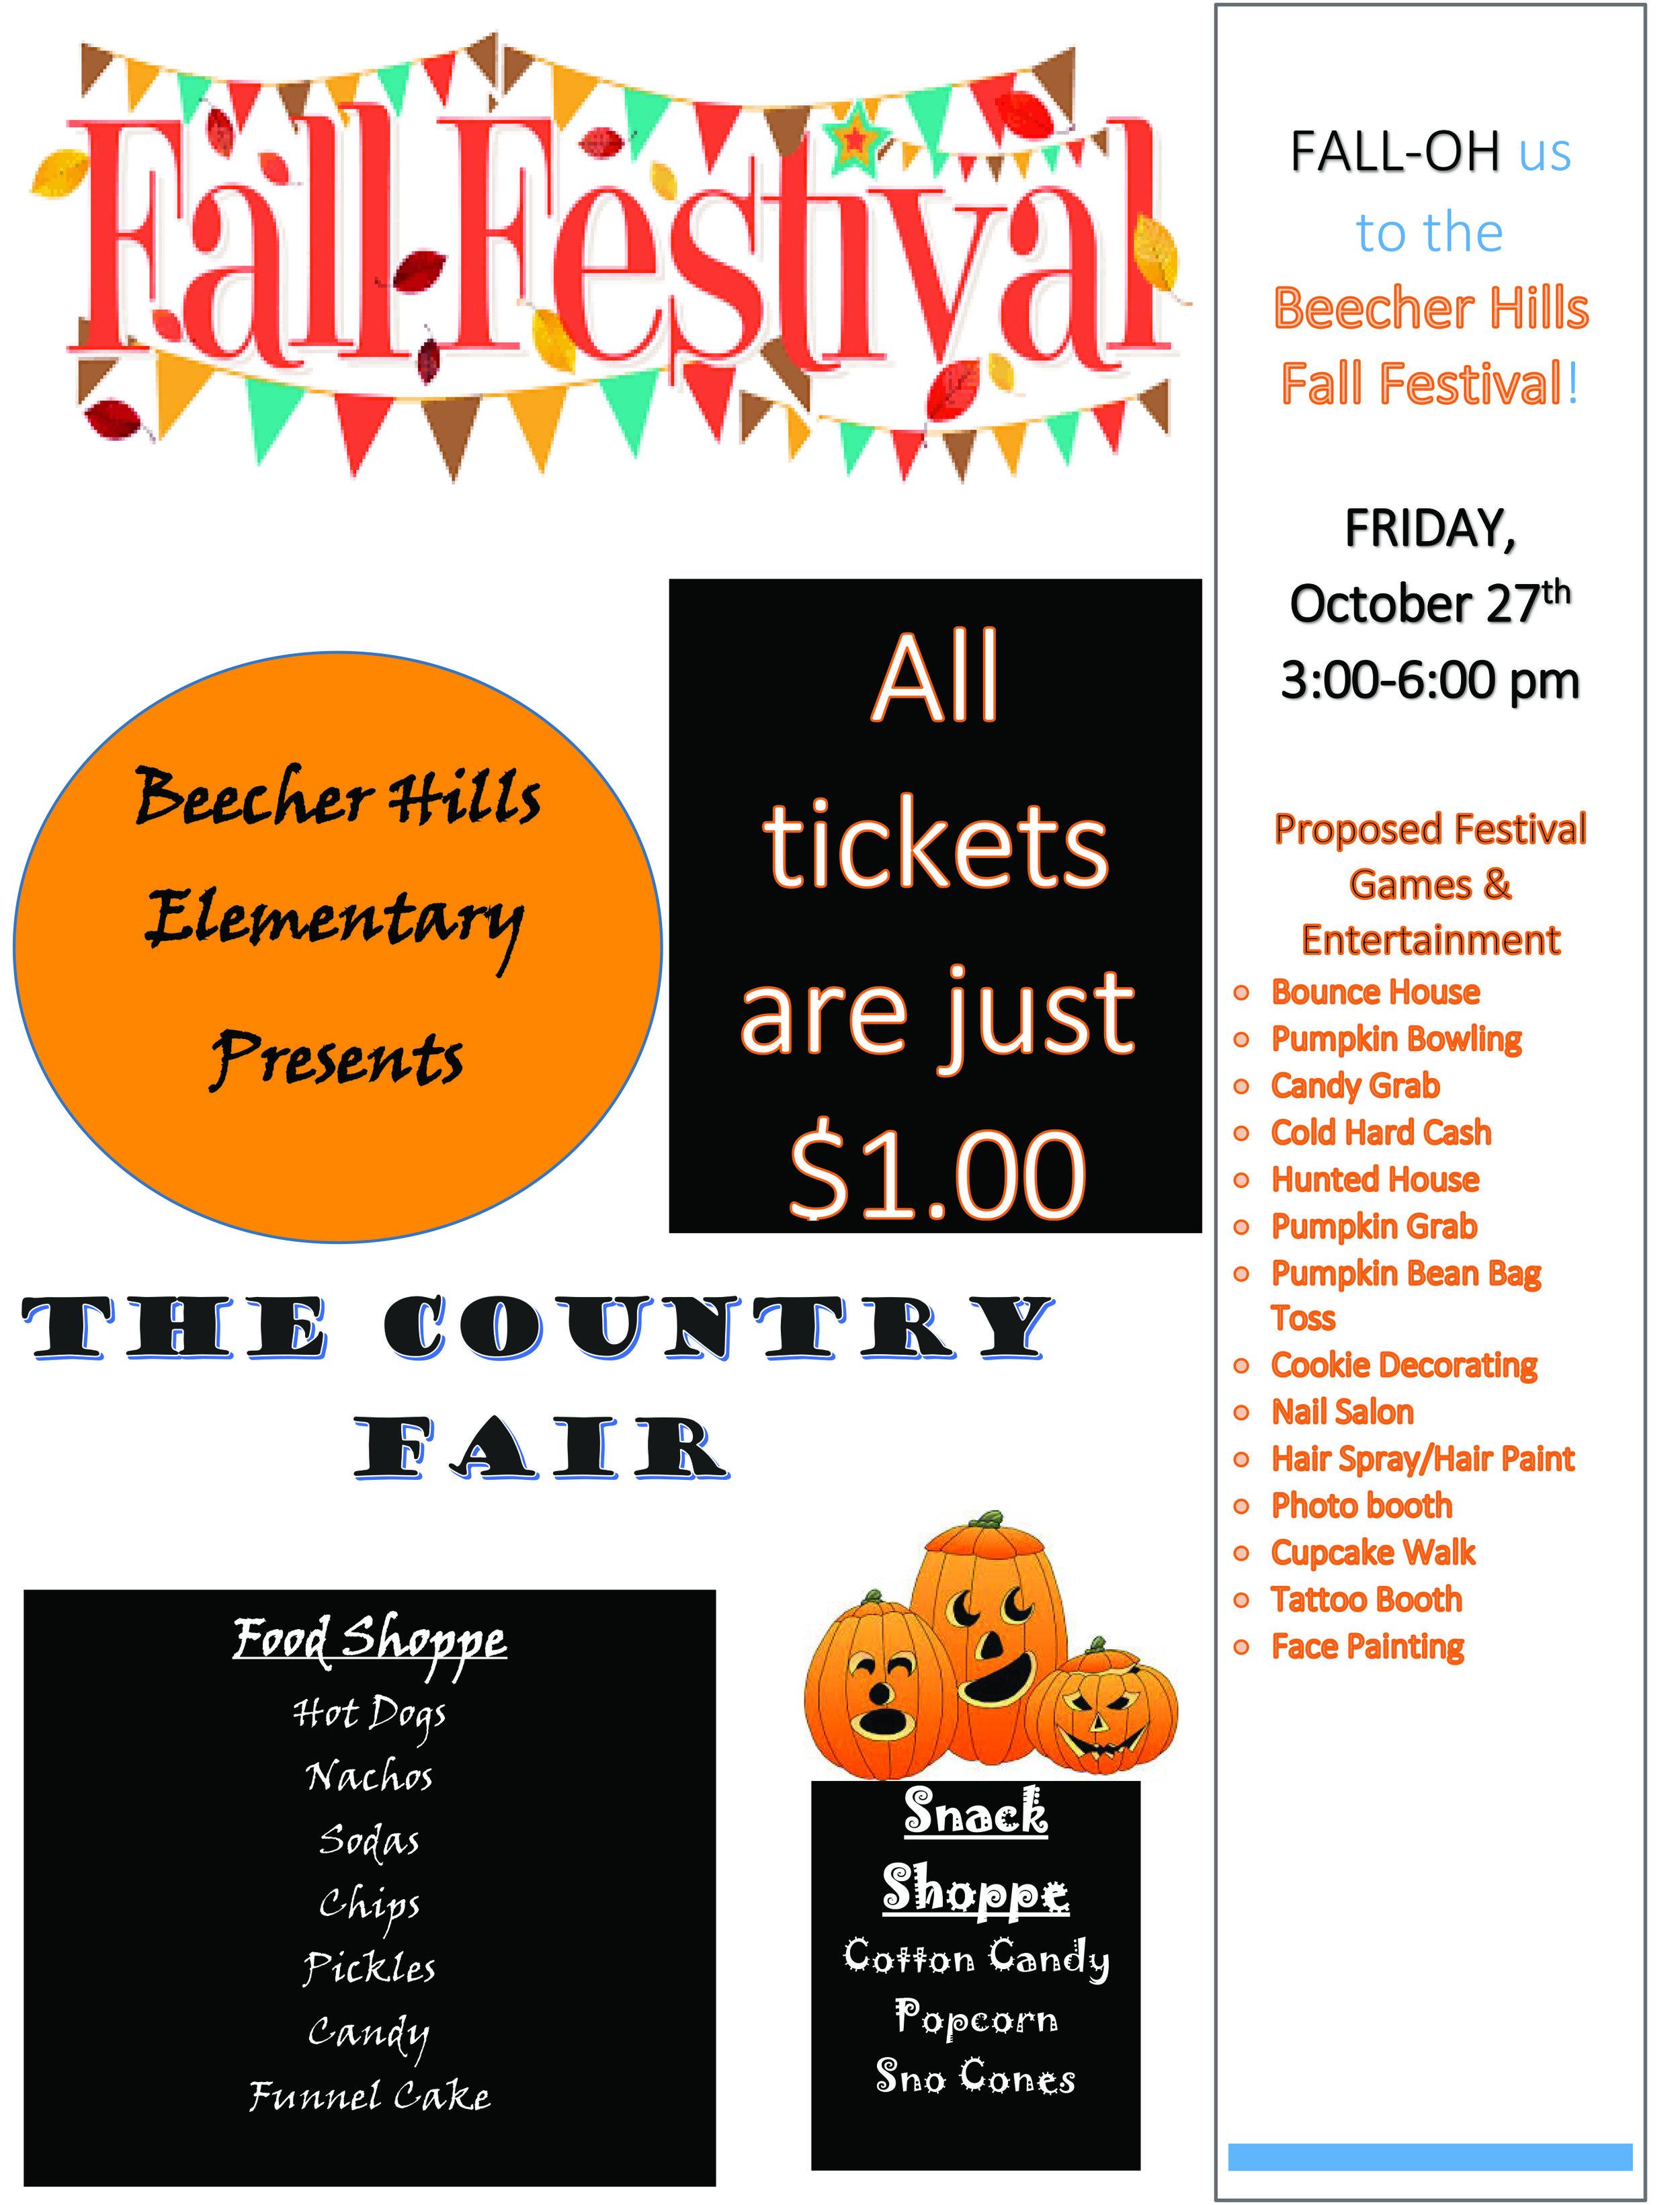 Fall Festival Flyer #2 2017.jpg